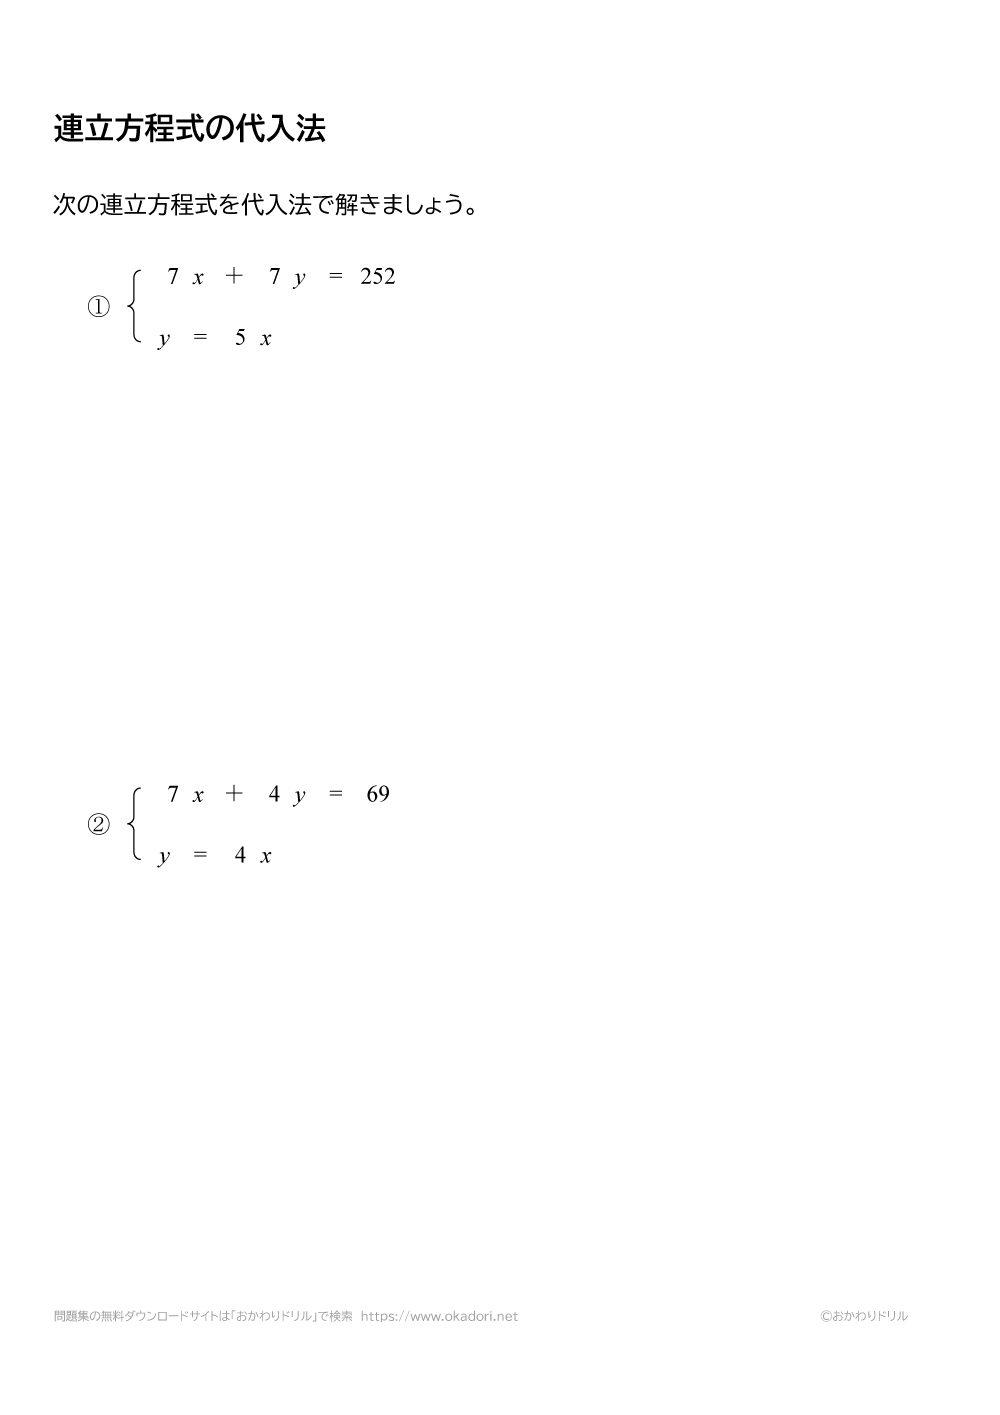 連立方程式を代入法で解く問題と答え2